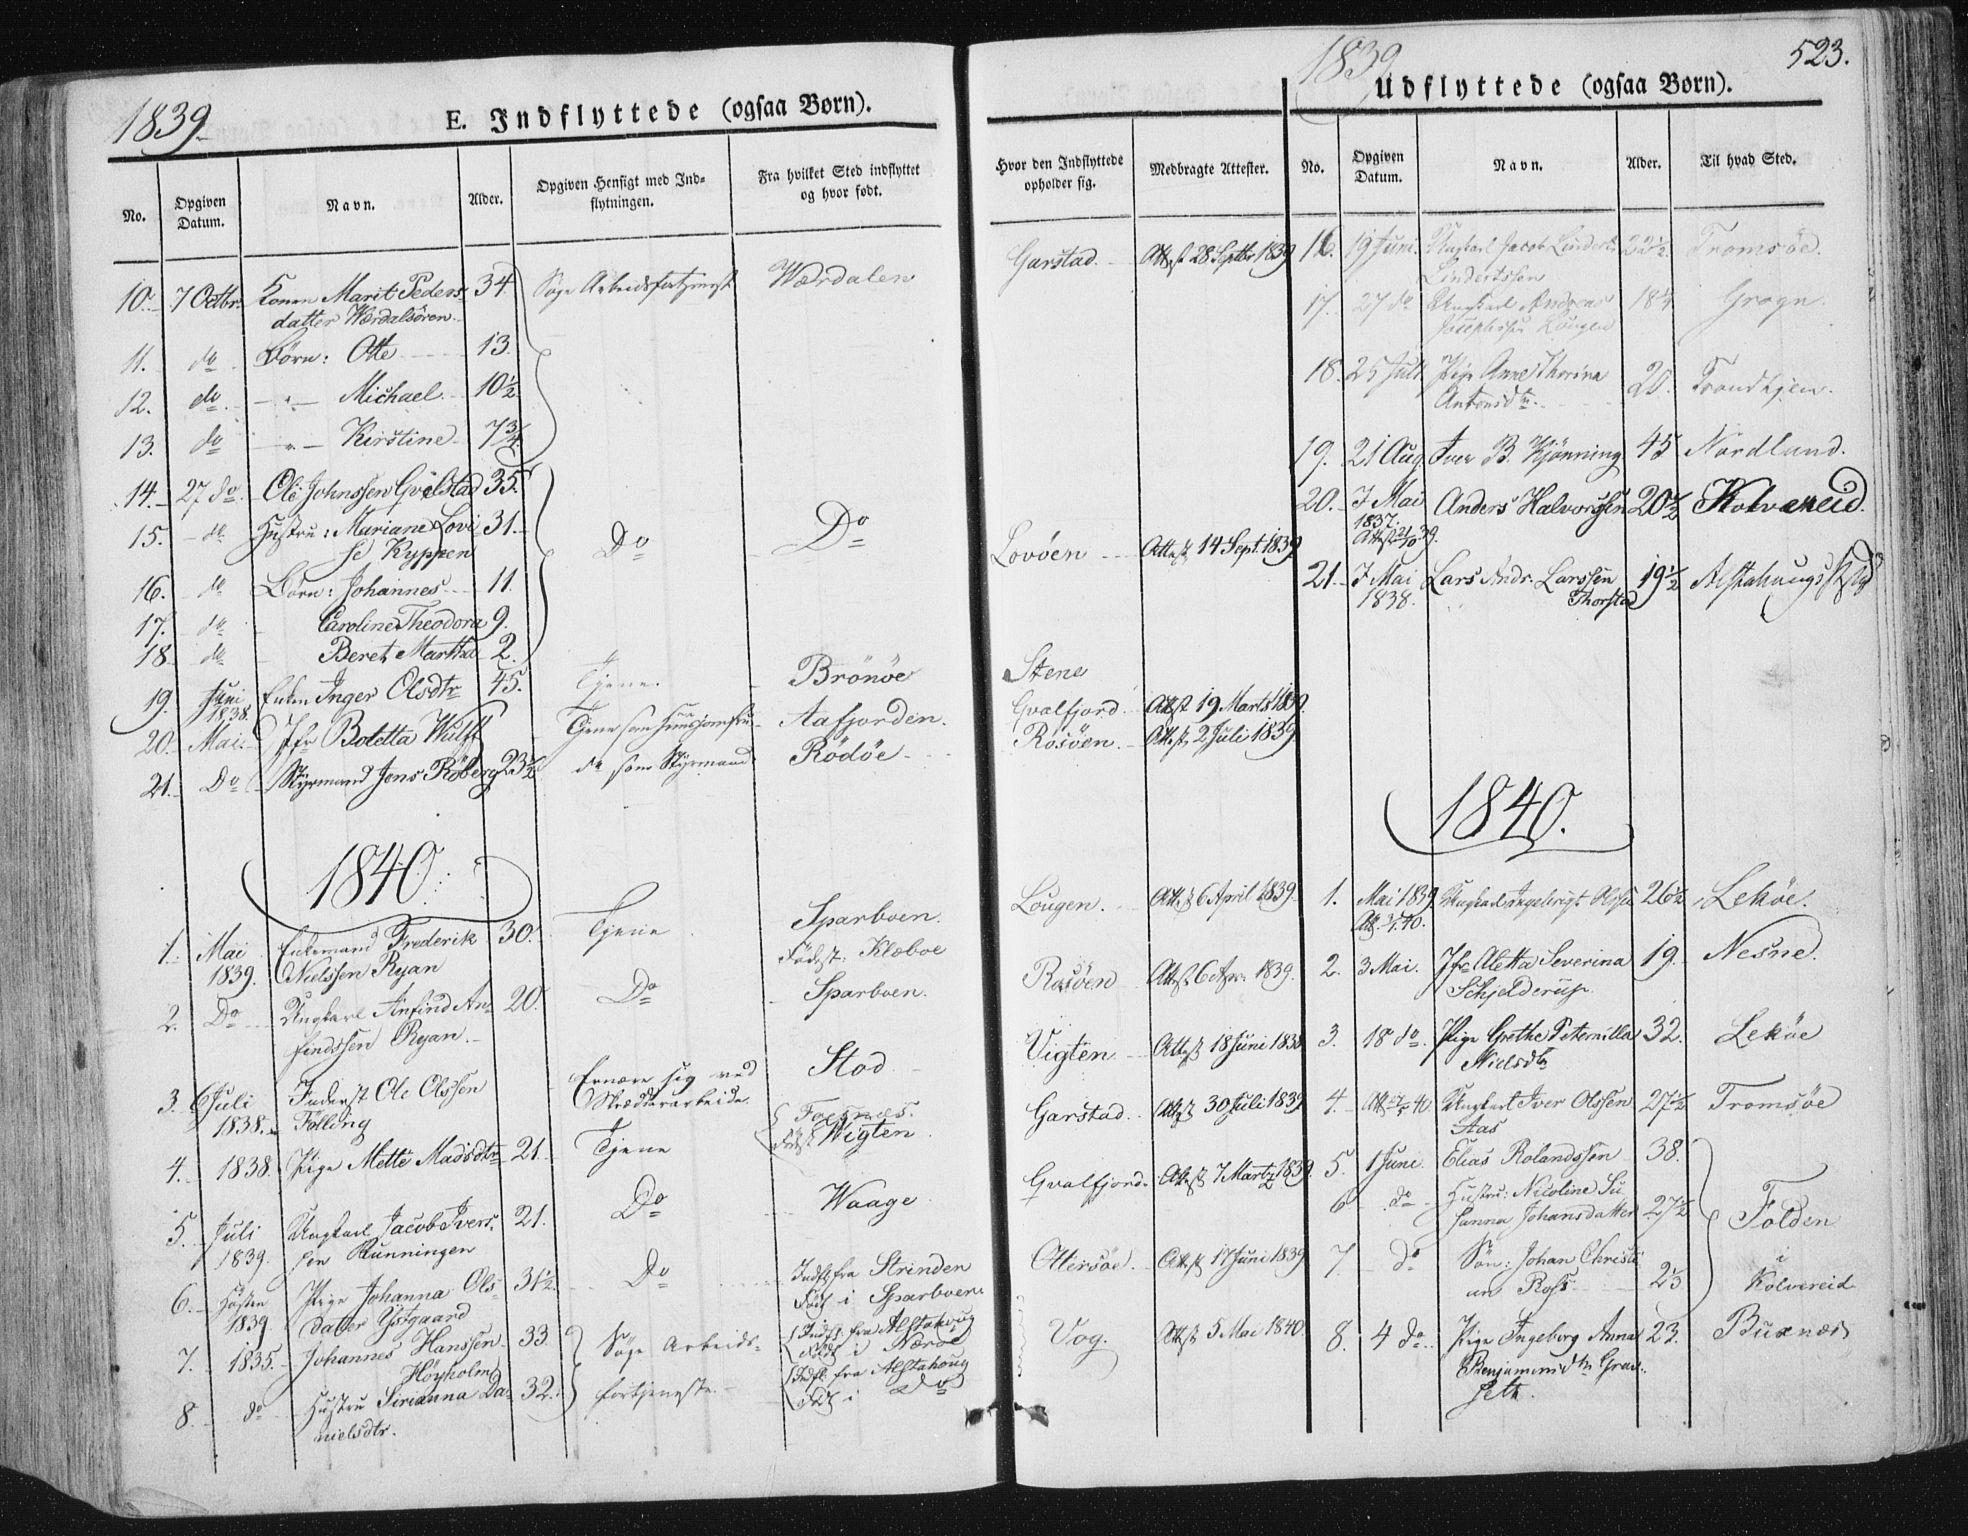 SAT, Ministerialprotokoller, klokkerbøker og fødselsregistre - Nord-Trøndelag, 784/L0669: Ministerialbok nr. 784A04, 1829-1859, s. 523